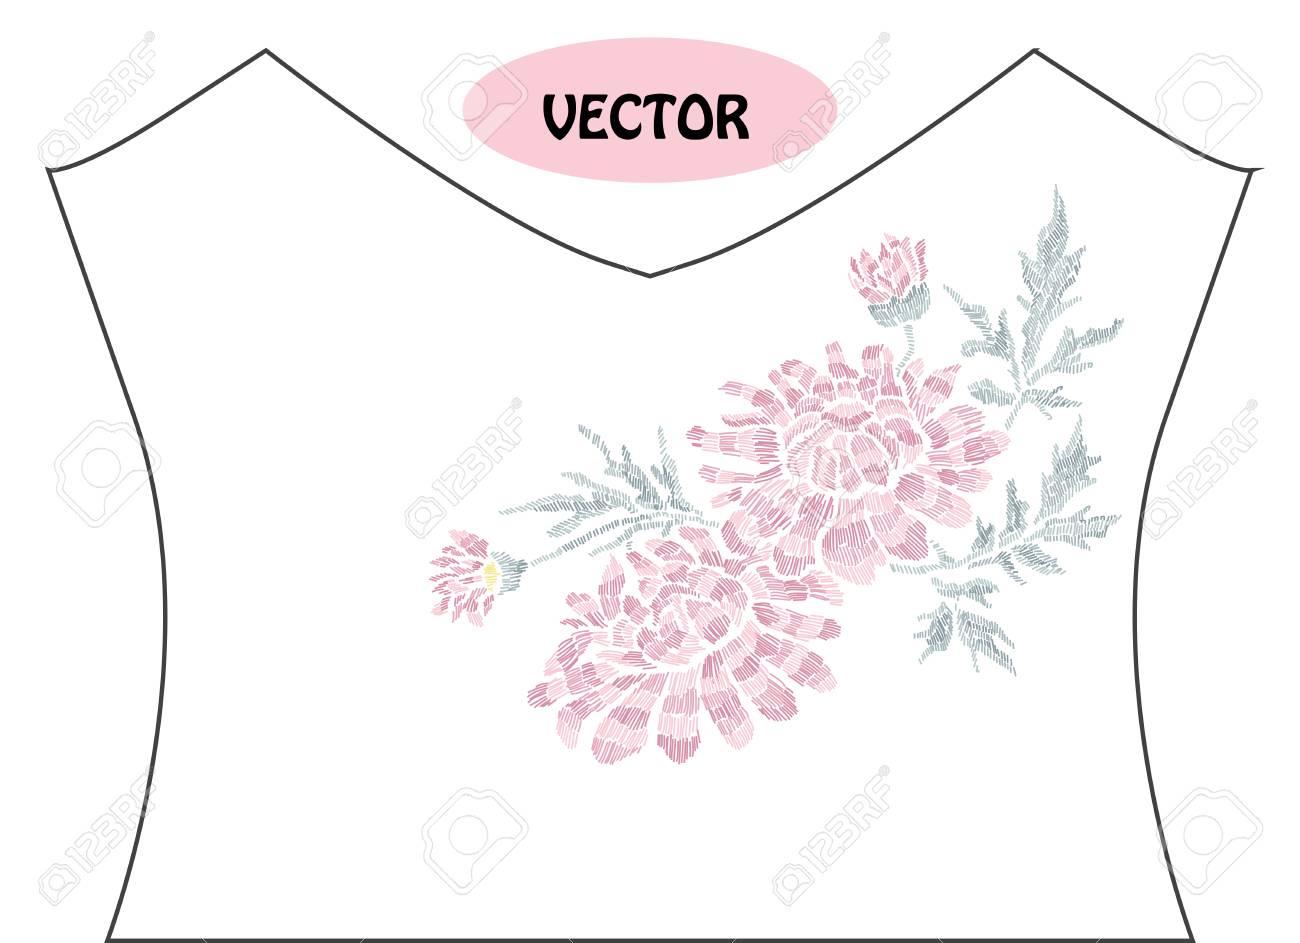 T シャツやドレスのネックラインの刺繍スタイルで装飾的な菊の花。編集可能な色。ファッション装飾品、生地、製造に使用できます。刺繍装飾花